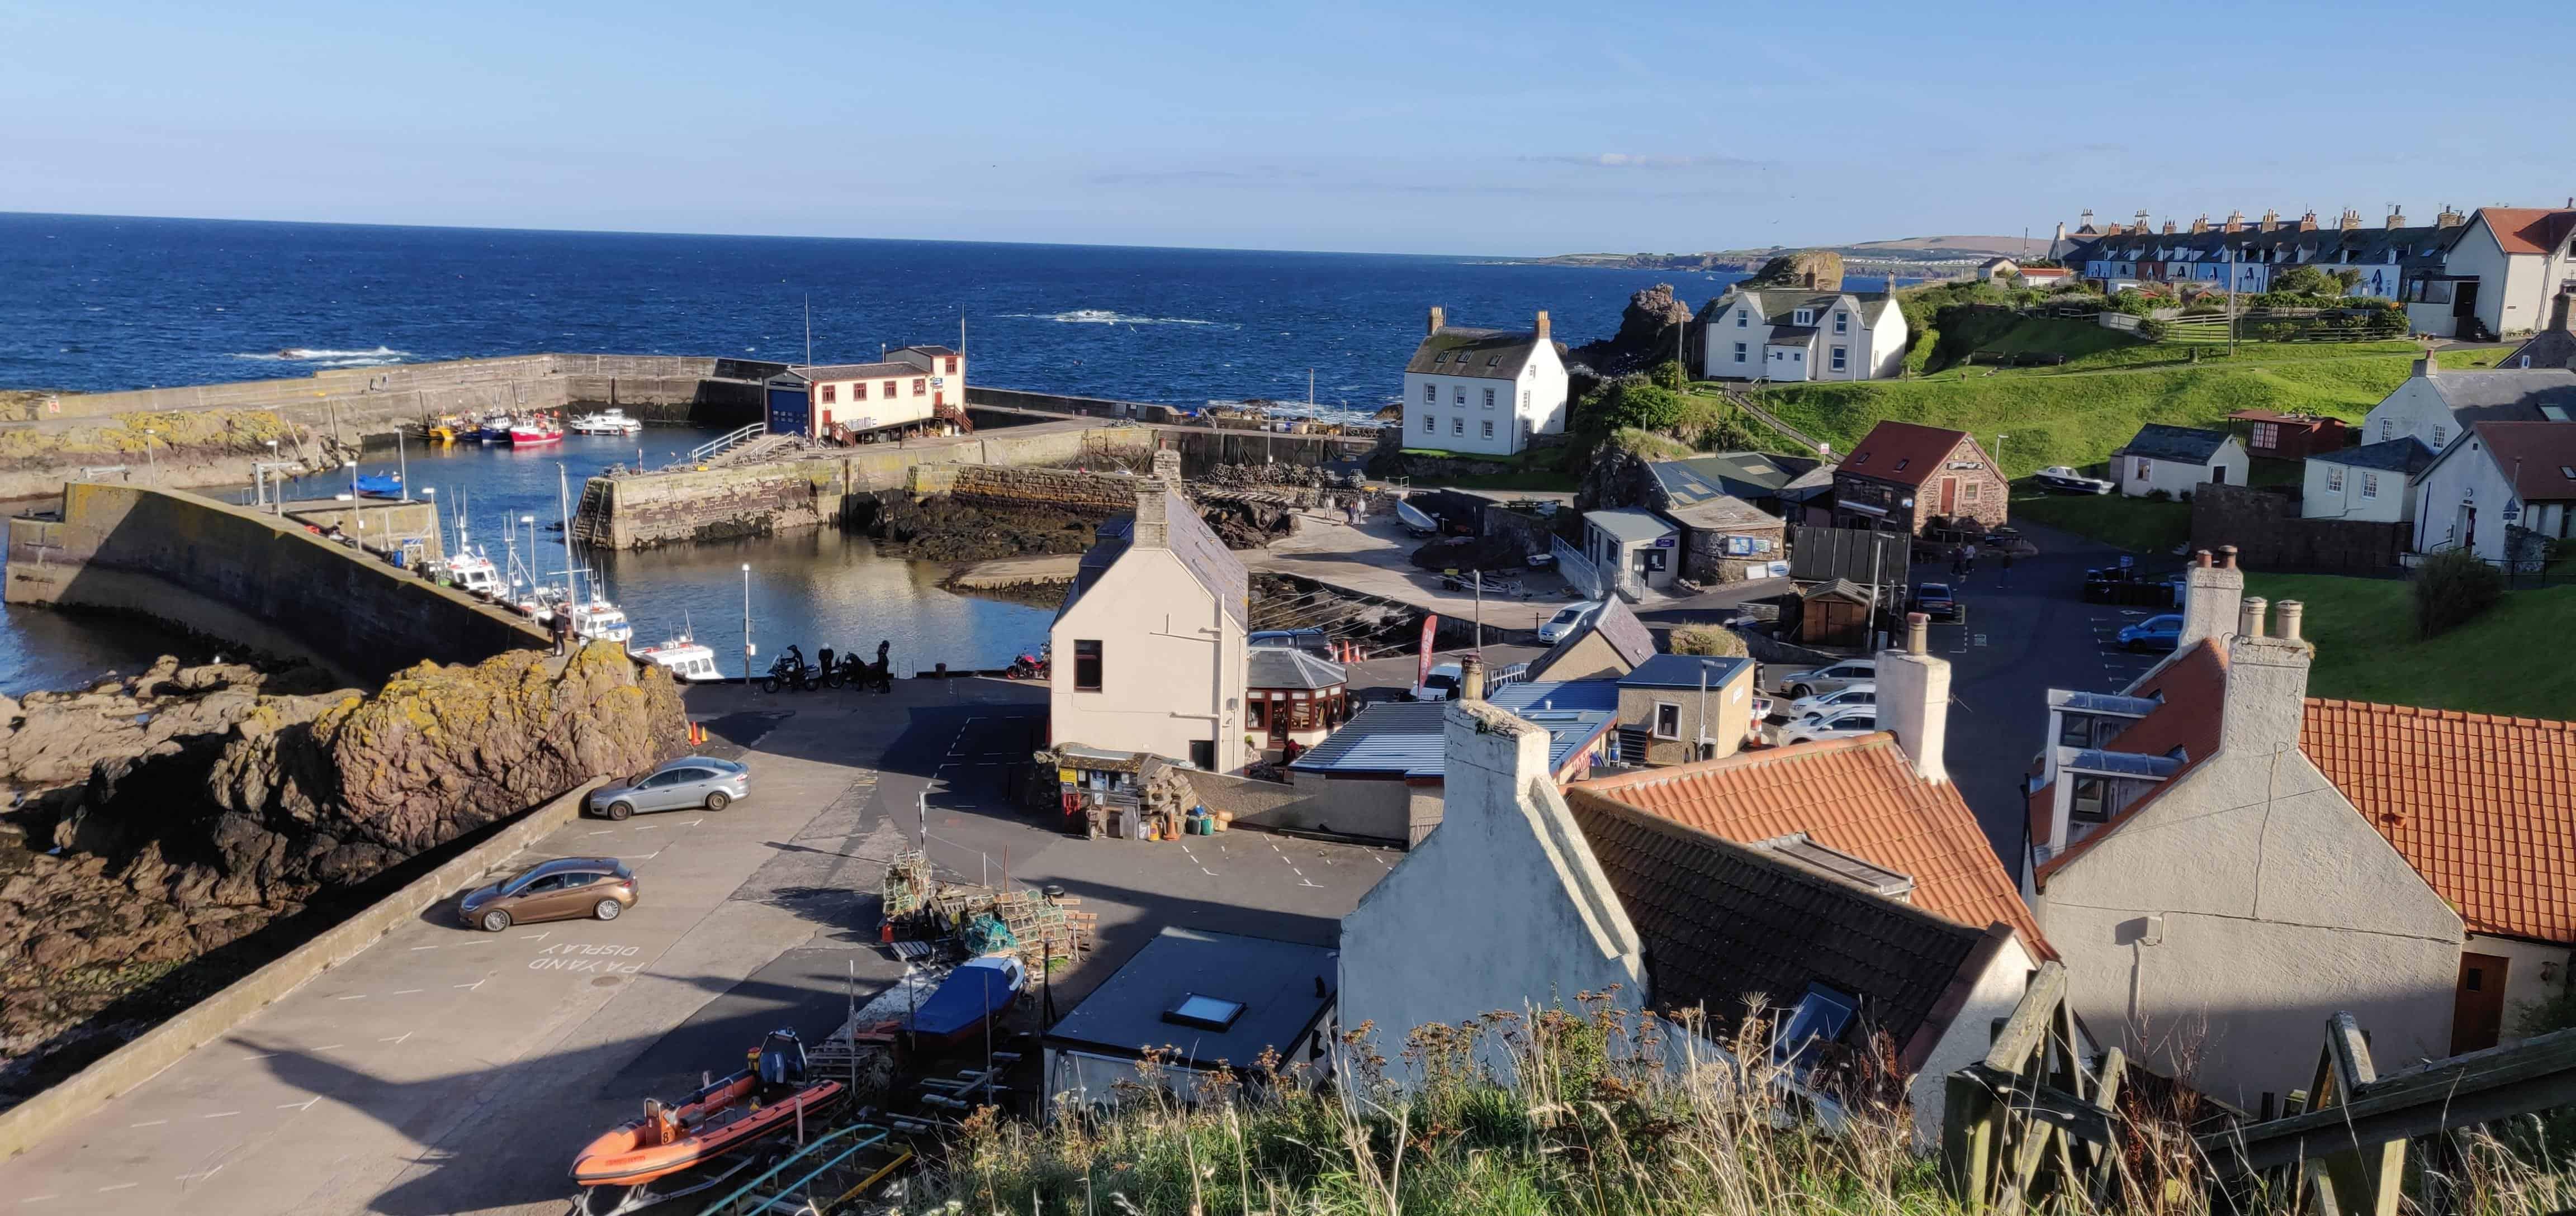 Village de St Abbs et son port de pêche